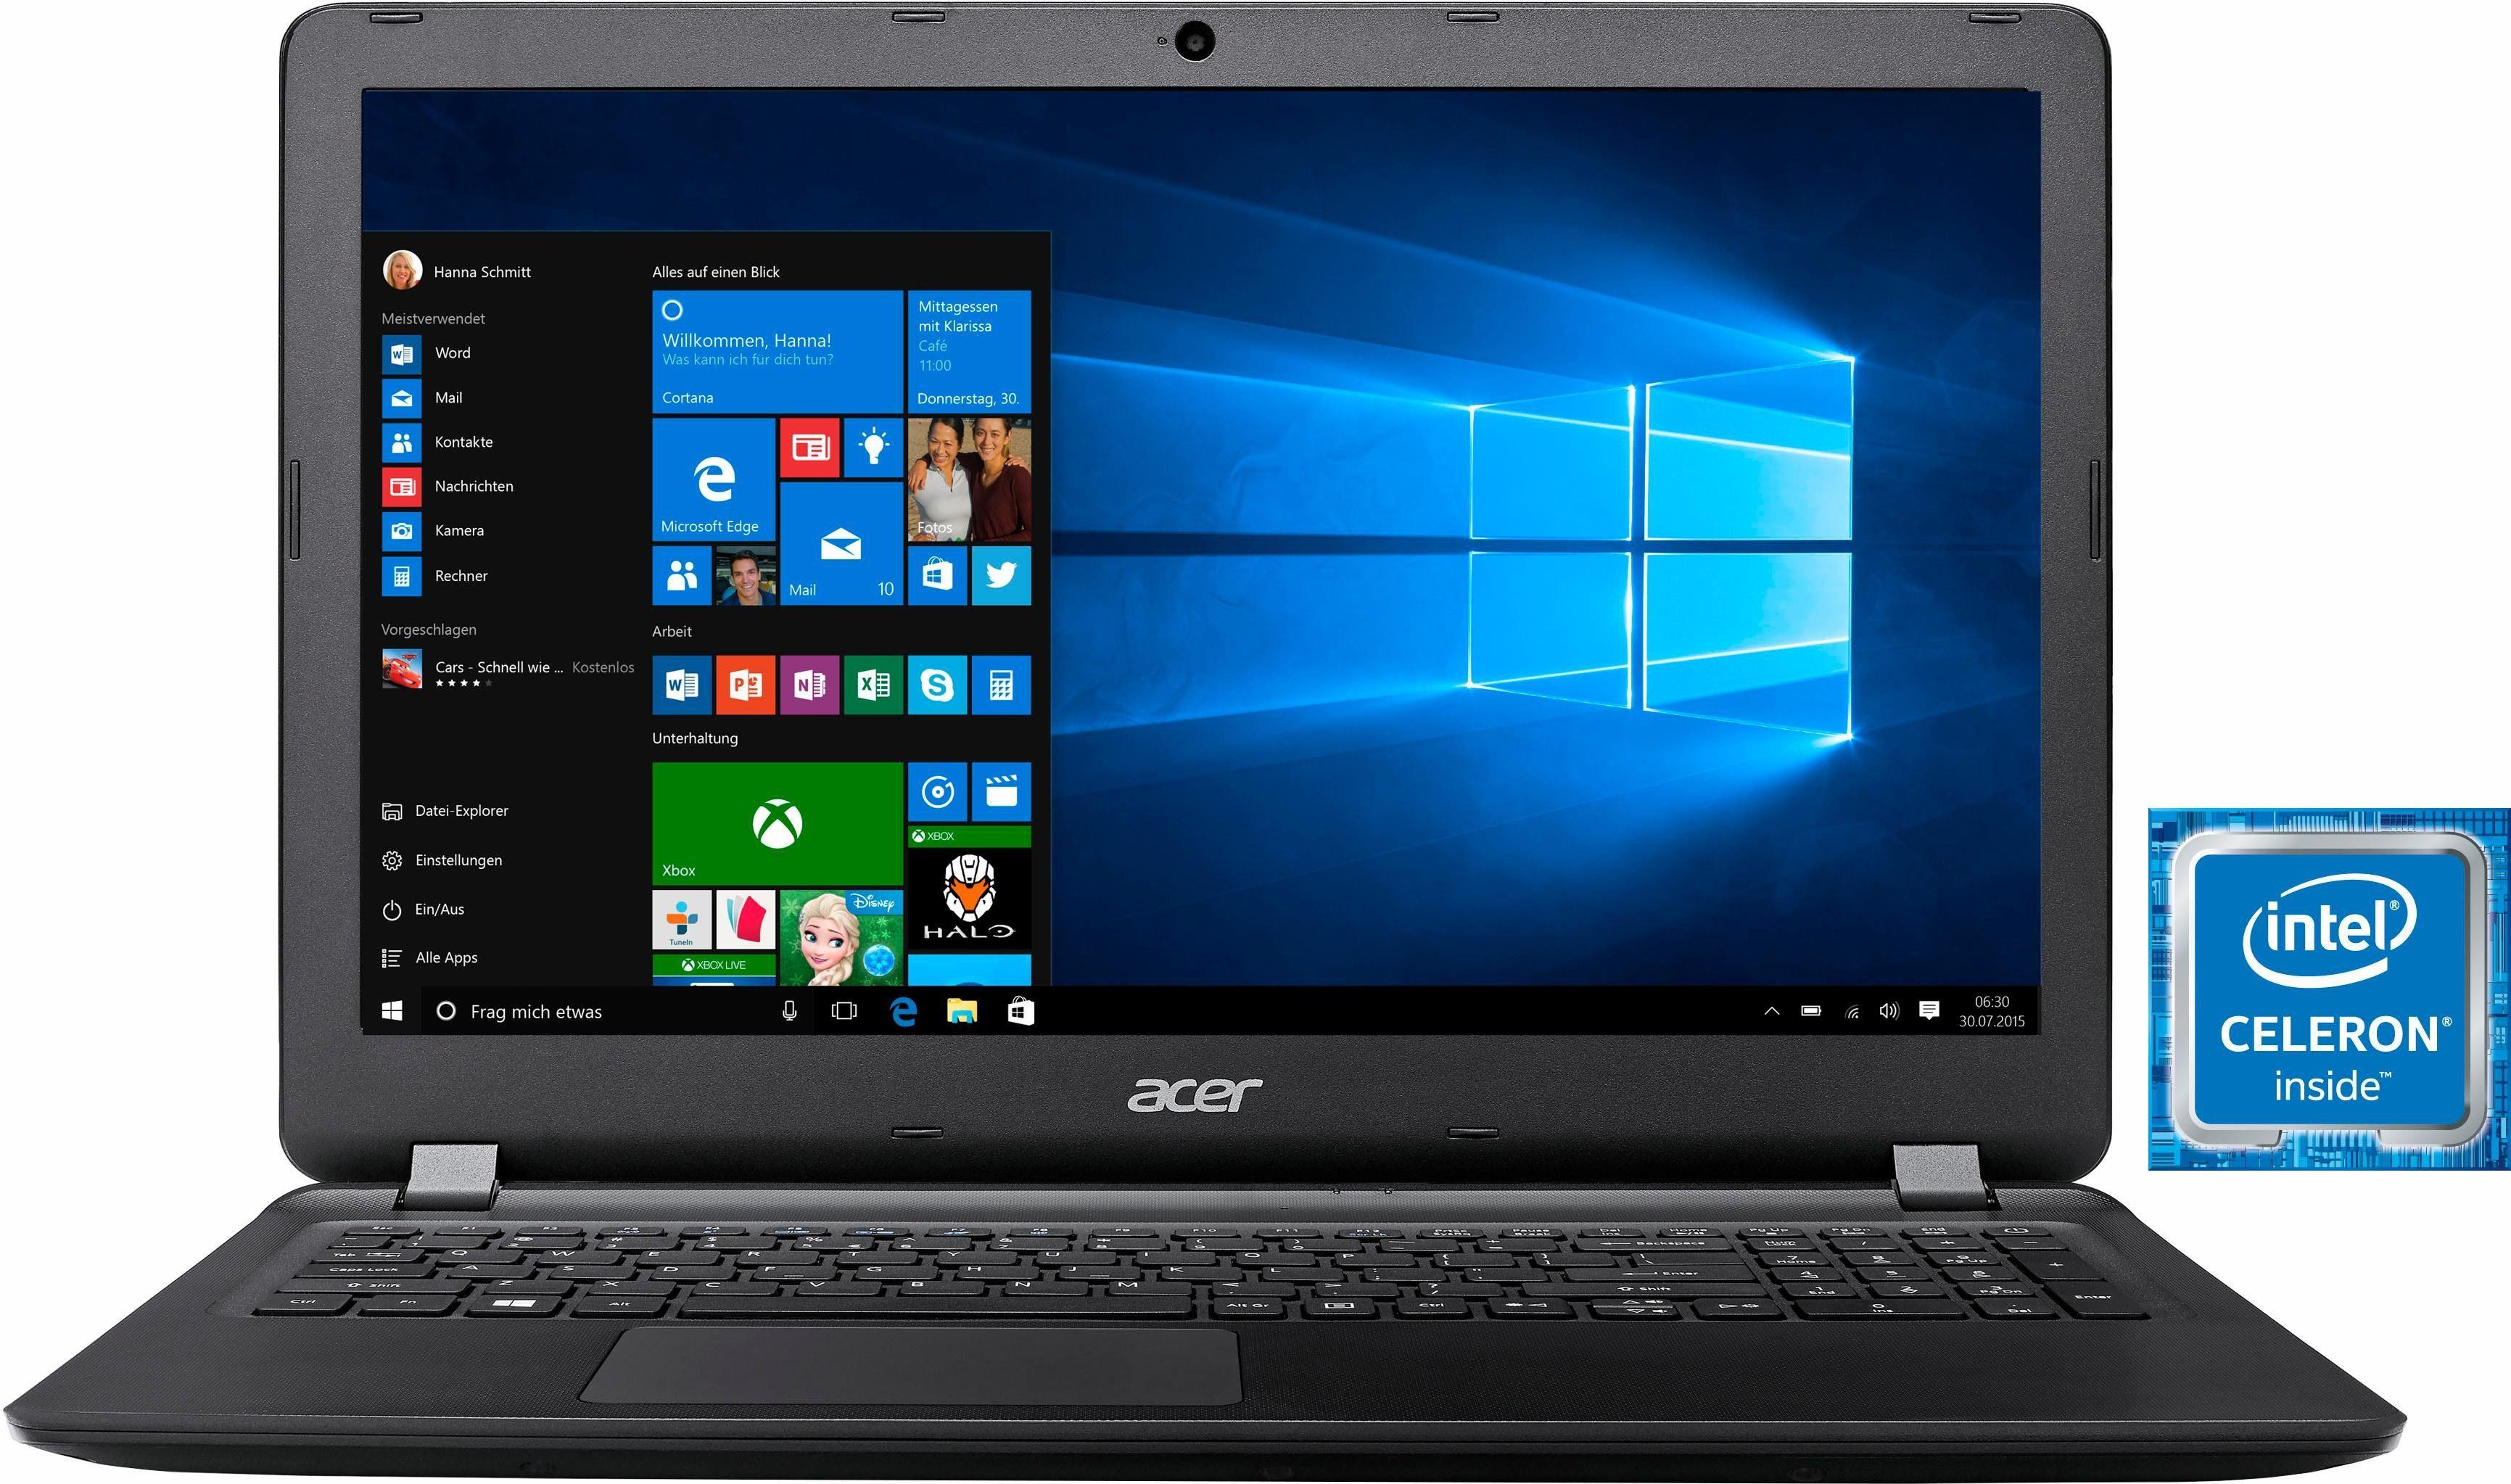 Acer Aspire ES 15 (ES1-533-C19X) Notebook, Intel® Celeron™, 39,6 cm (15,6 Zoll), 500 GB Speicher